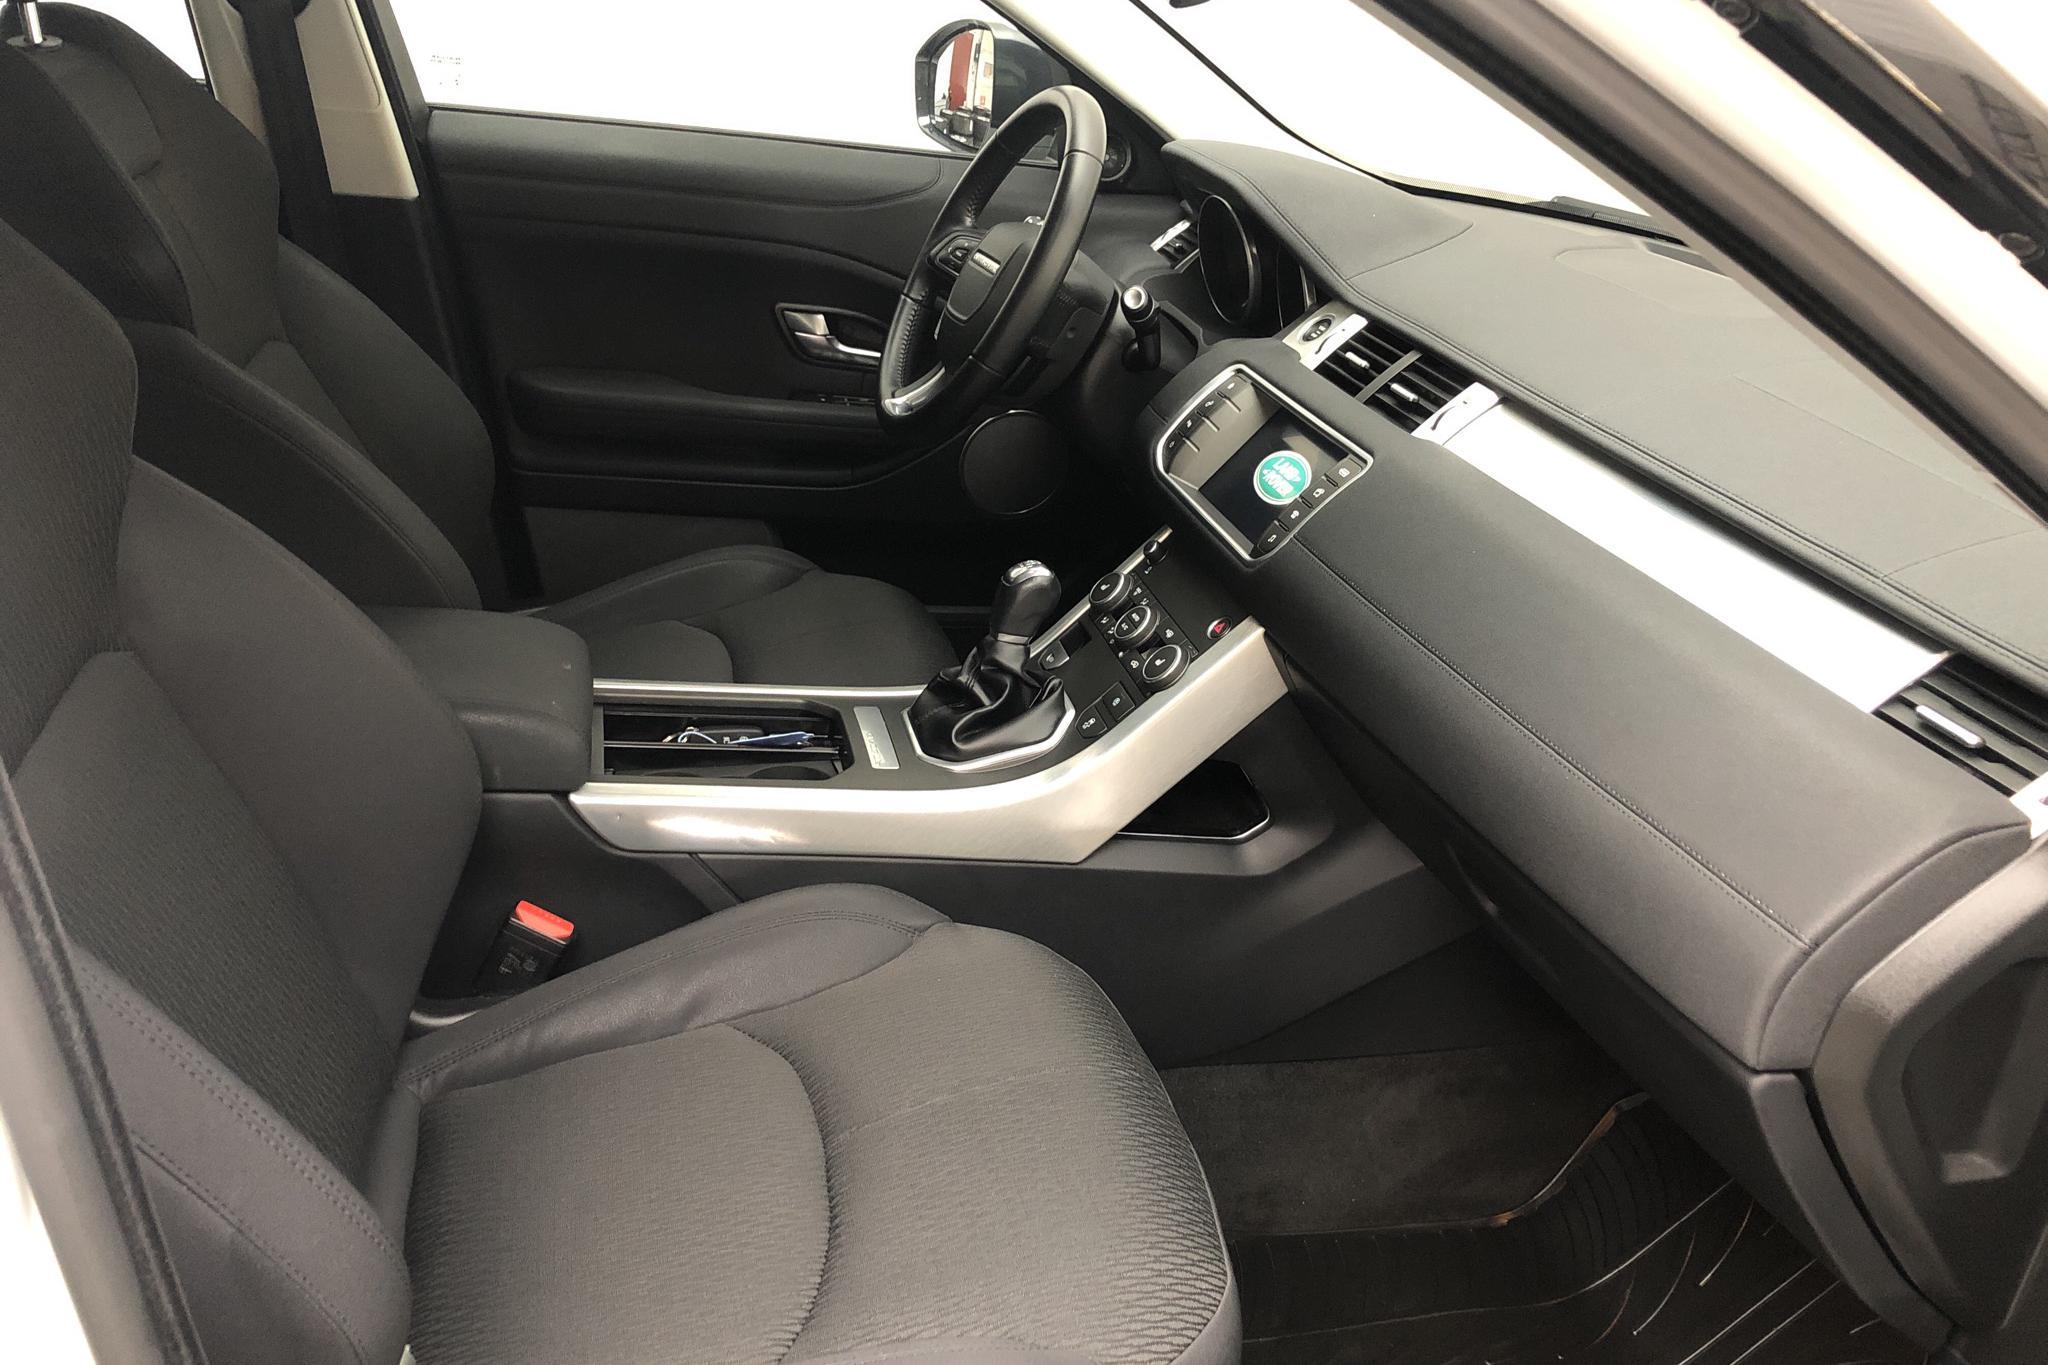 Land Rover Range Rover Evoque 2.0 ED4 5dr (150hk) - 6 071 mil - Manuell - vit - 2018